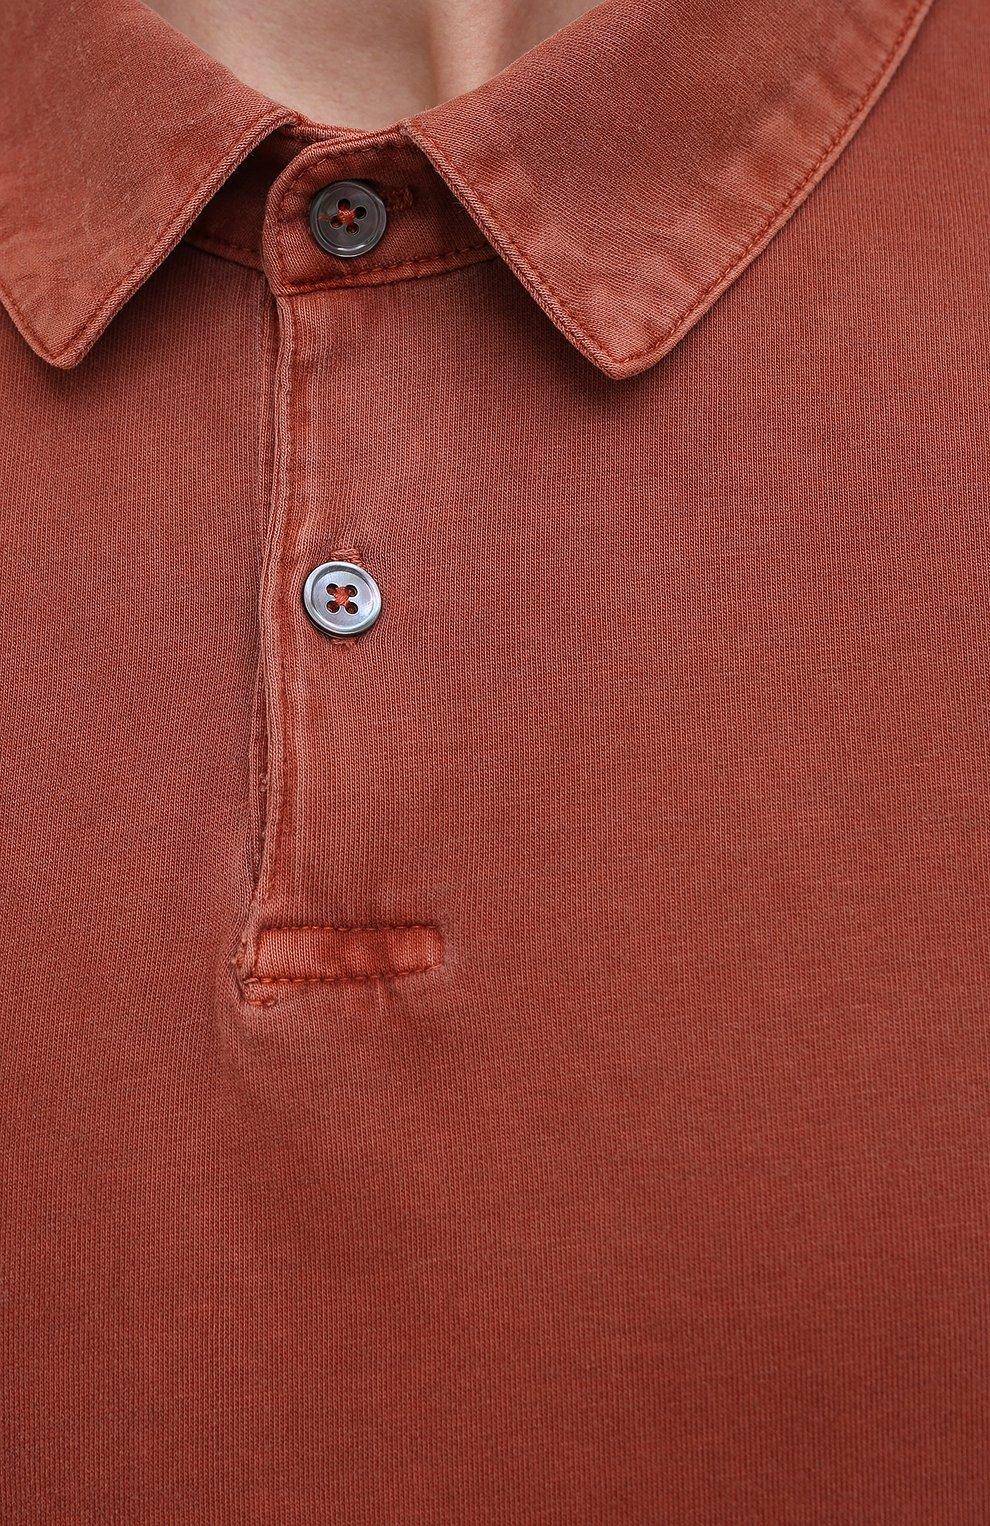 Мужское хлопковое поло JAMES PERSE красного цвета, арт. MSX3337   Фото 5 (Застежка: Пуговицы; Рукава: Короткие; Длина (для топов): Удлиненные; Материал внешний: Хлопок; Стили: Кэжуэл)